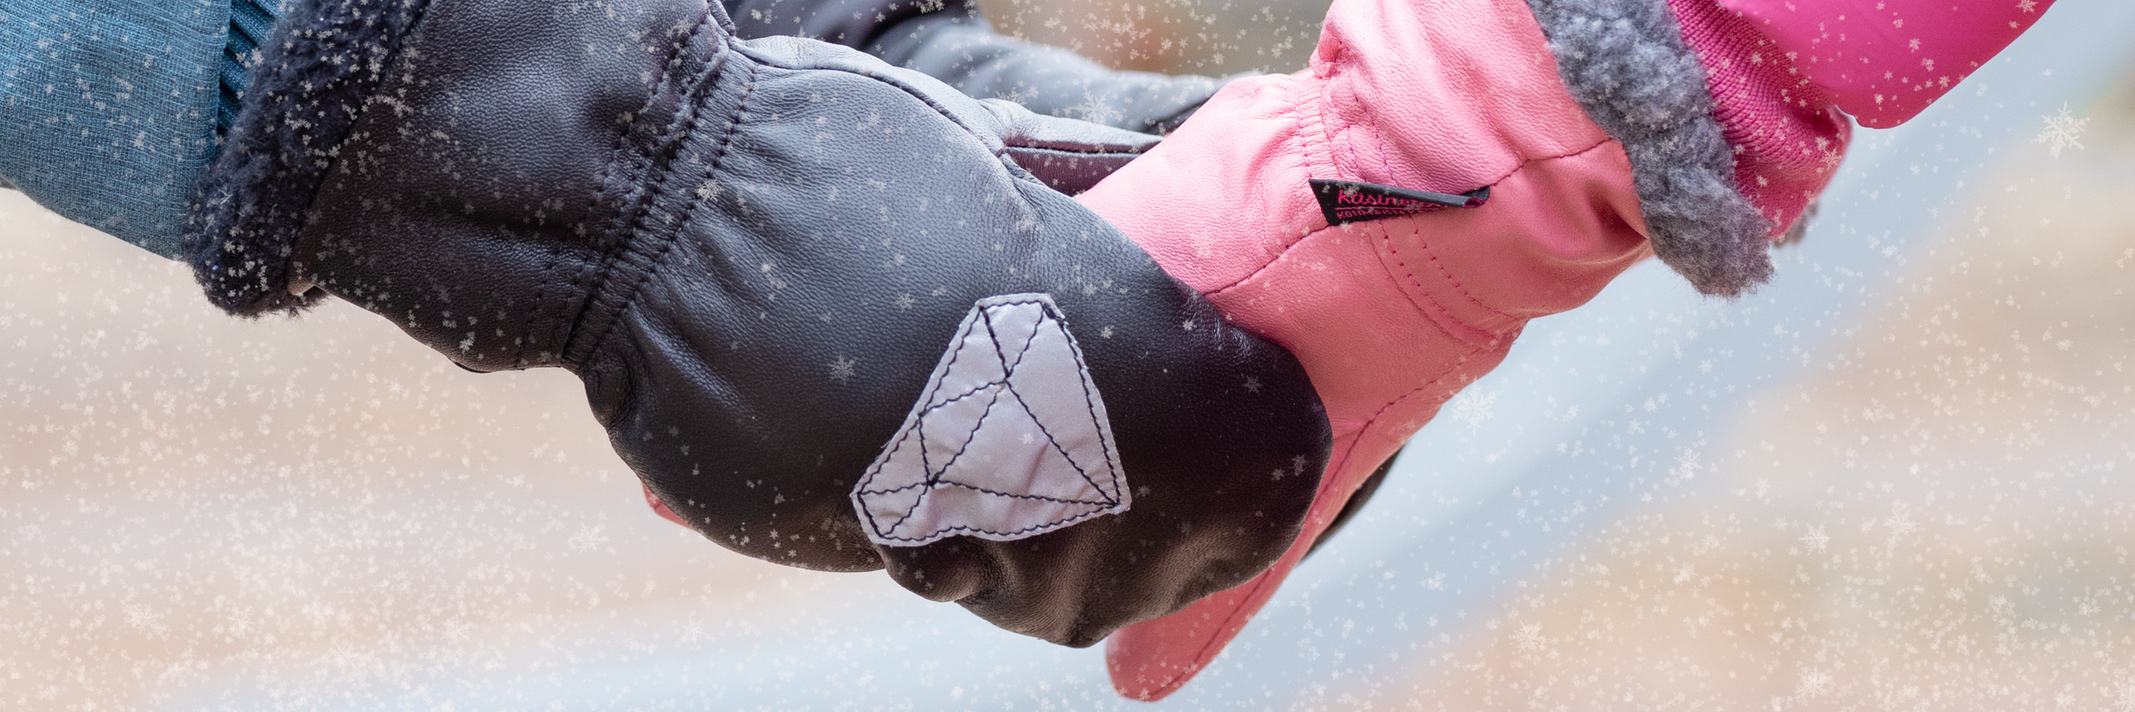 Talvihanskat-Nahkarukkaset lapselle - Käsinetori